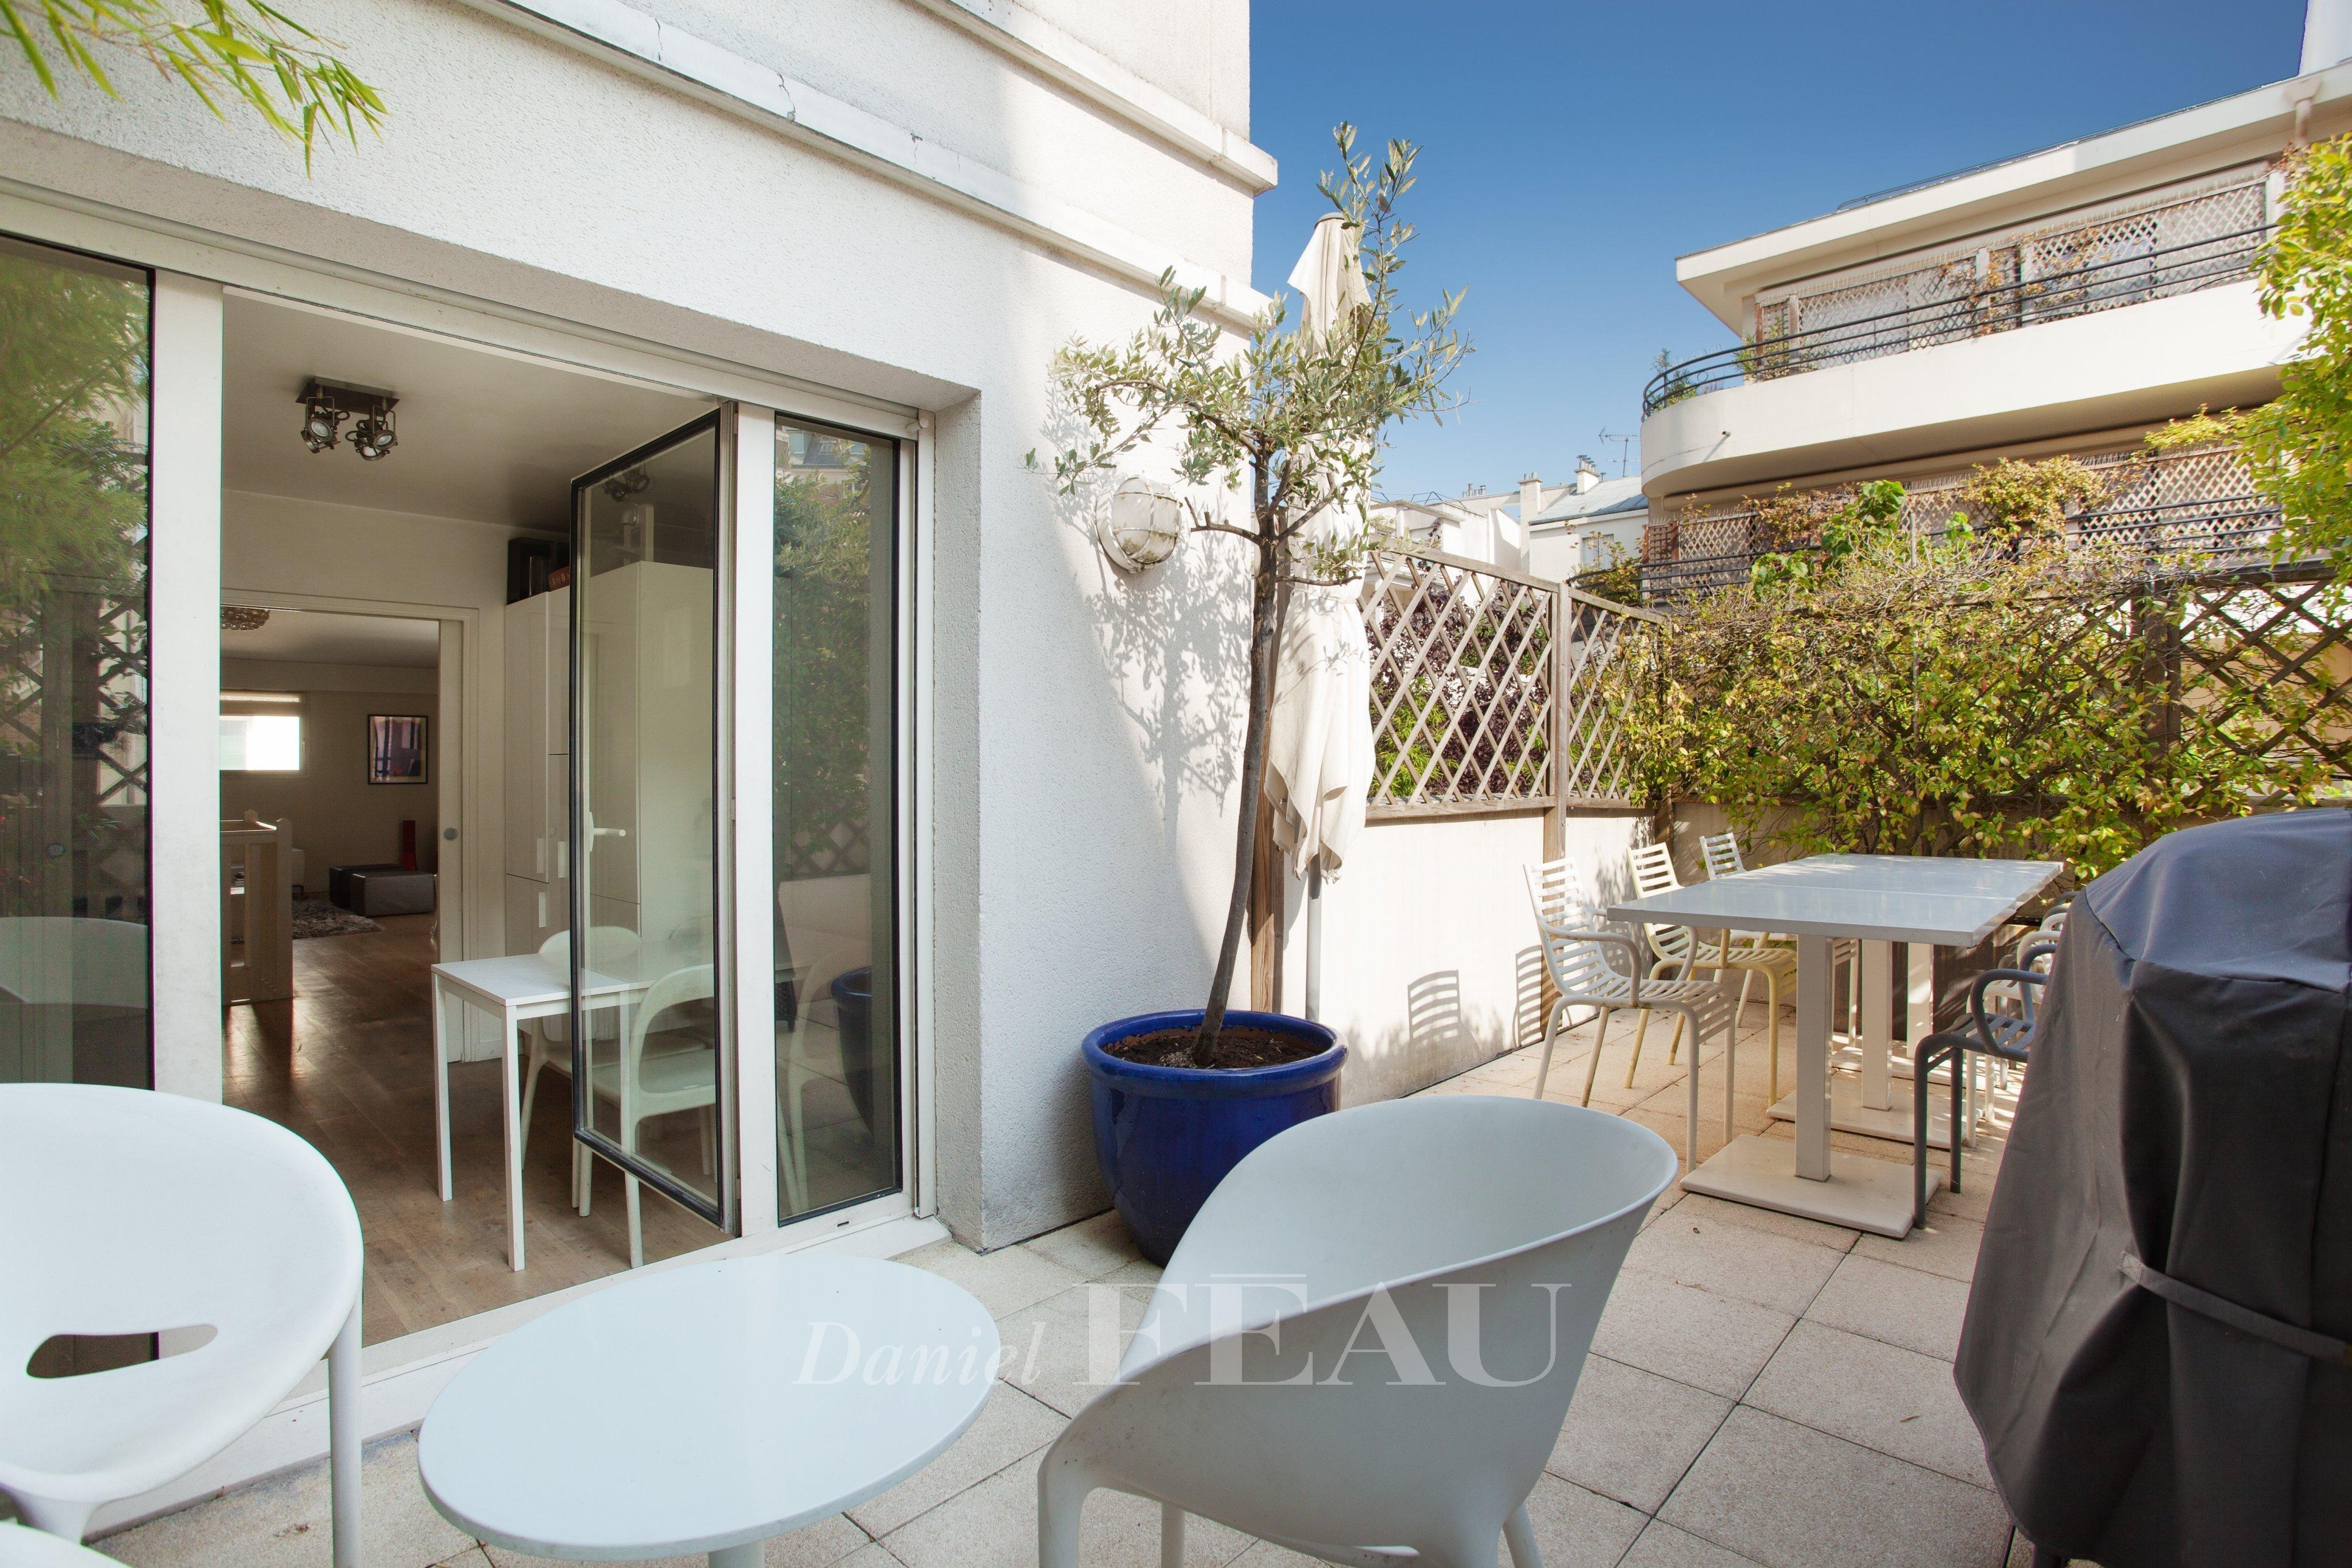 Maison a vendre boulogne-billancourt - 7 pièce(s) - 185 m2 - Surfyn